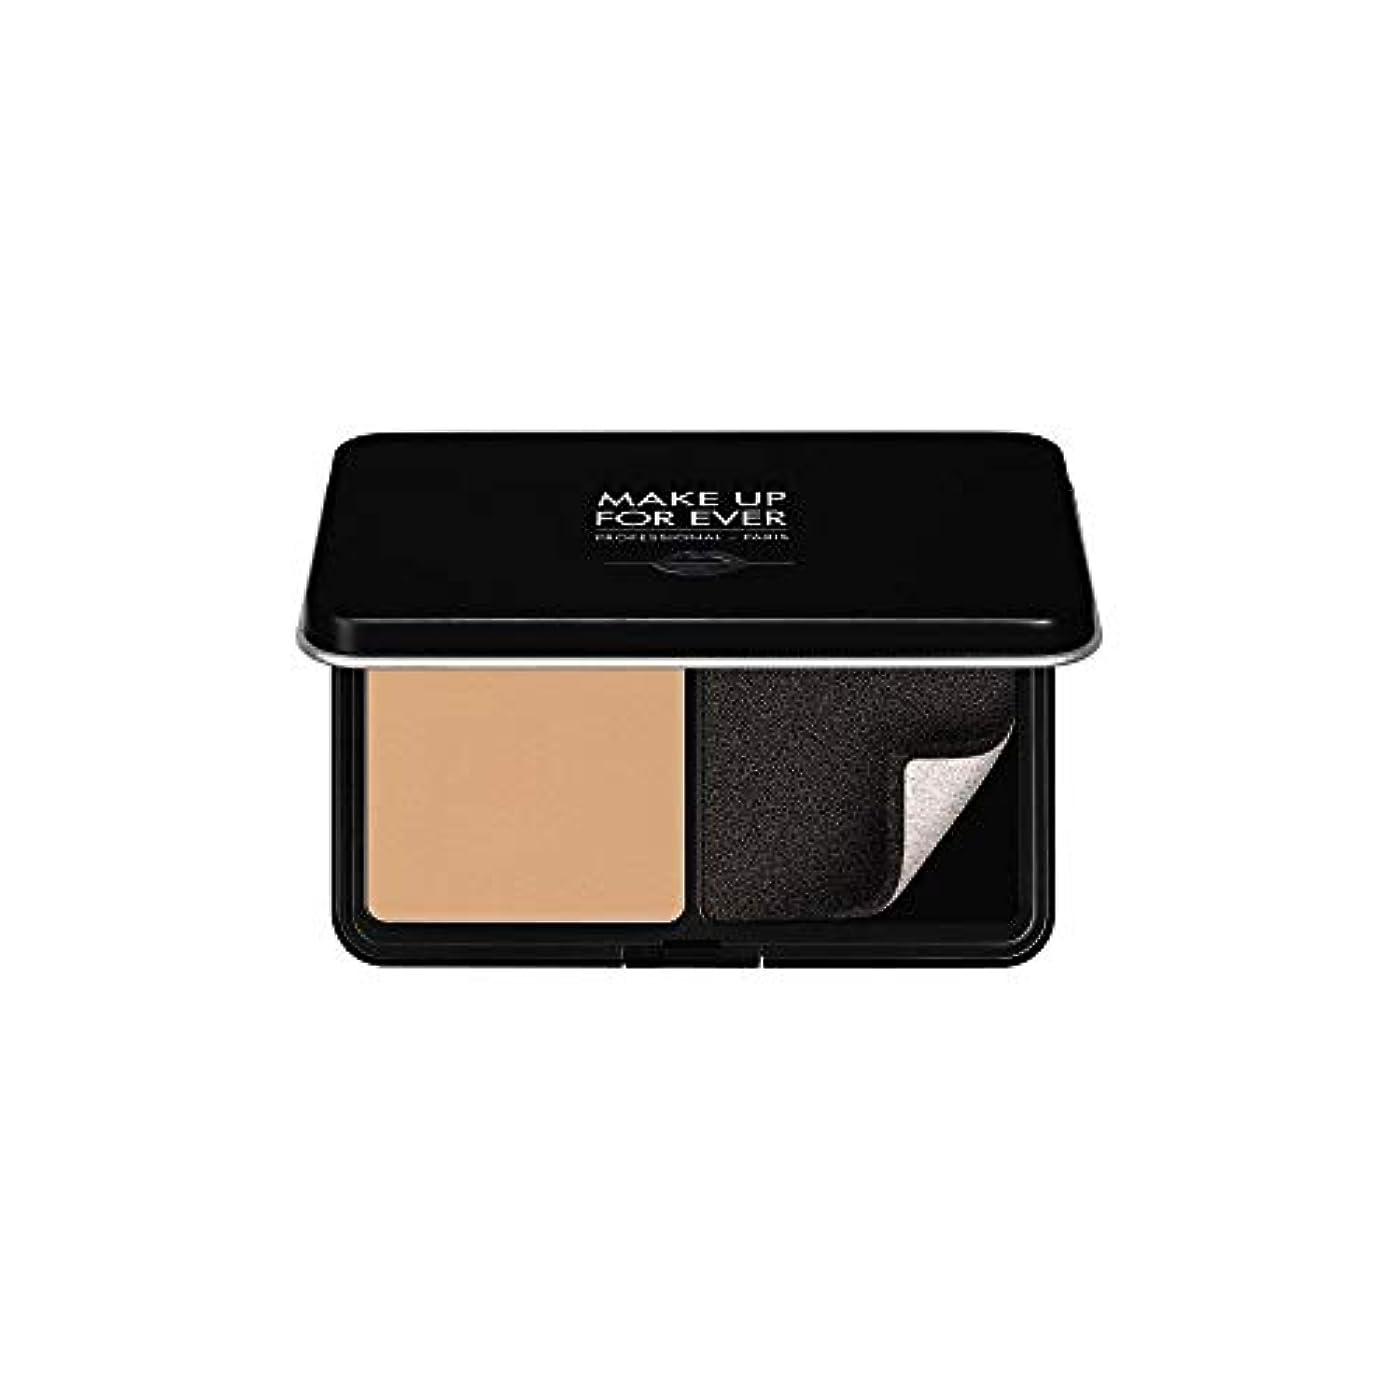 幸運単独で港メイクアップフォーエバー Matte Velvet Skin Blurring Powder Foundation - # Y305 (Soft Beige) 11g/0.38oz並行輸入品